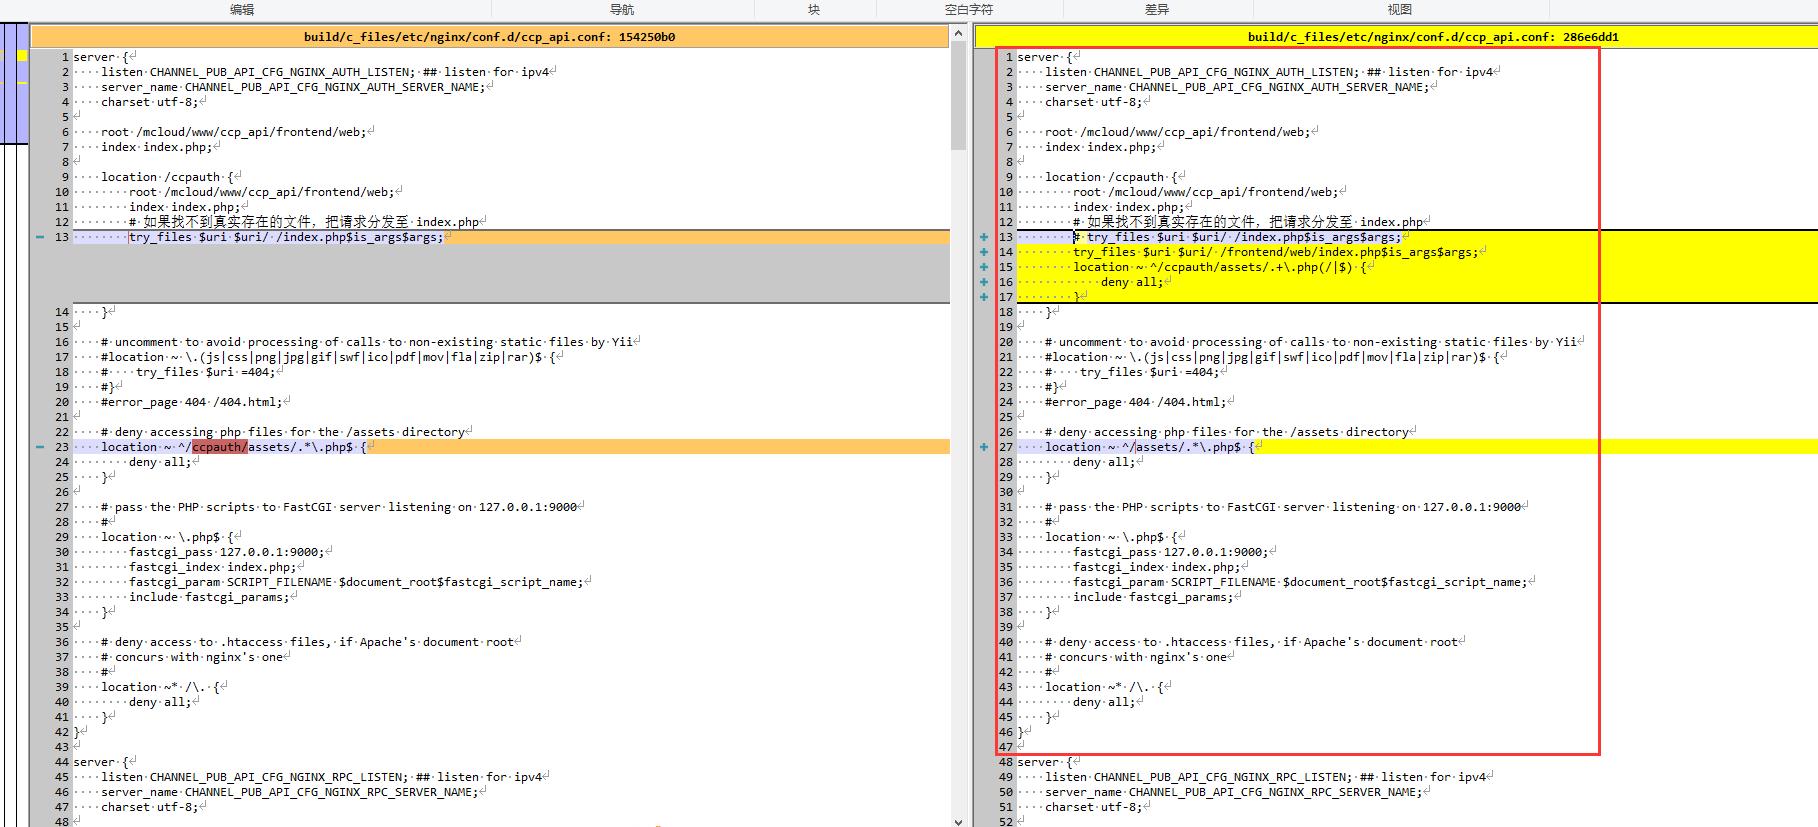 从多域名模式修改为单域名模式,修改了文件:etc/nginx/conf.d/ccp_api.conf。